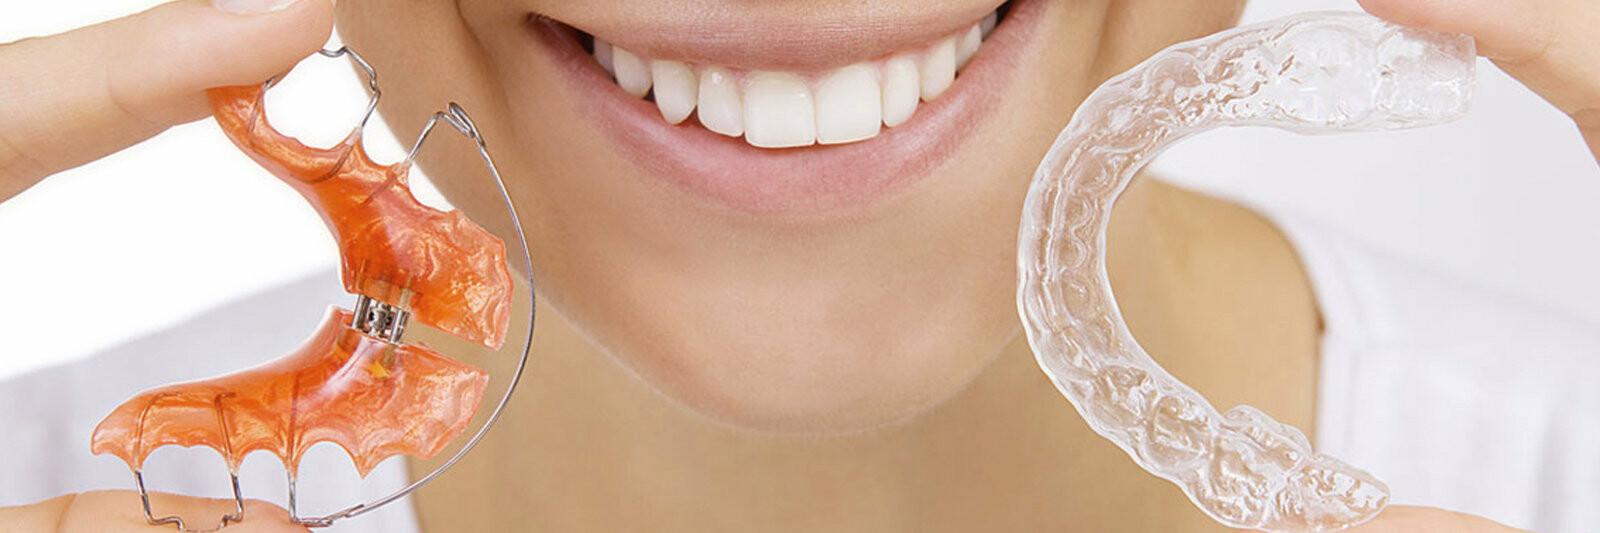 ортодонтия в стоматологии Стом-ТАК